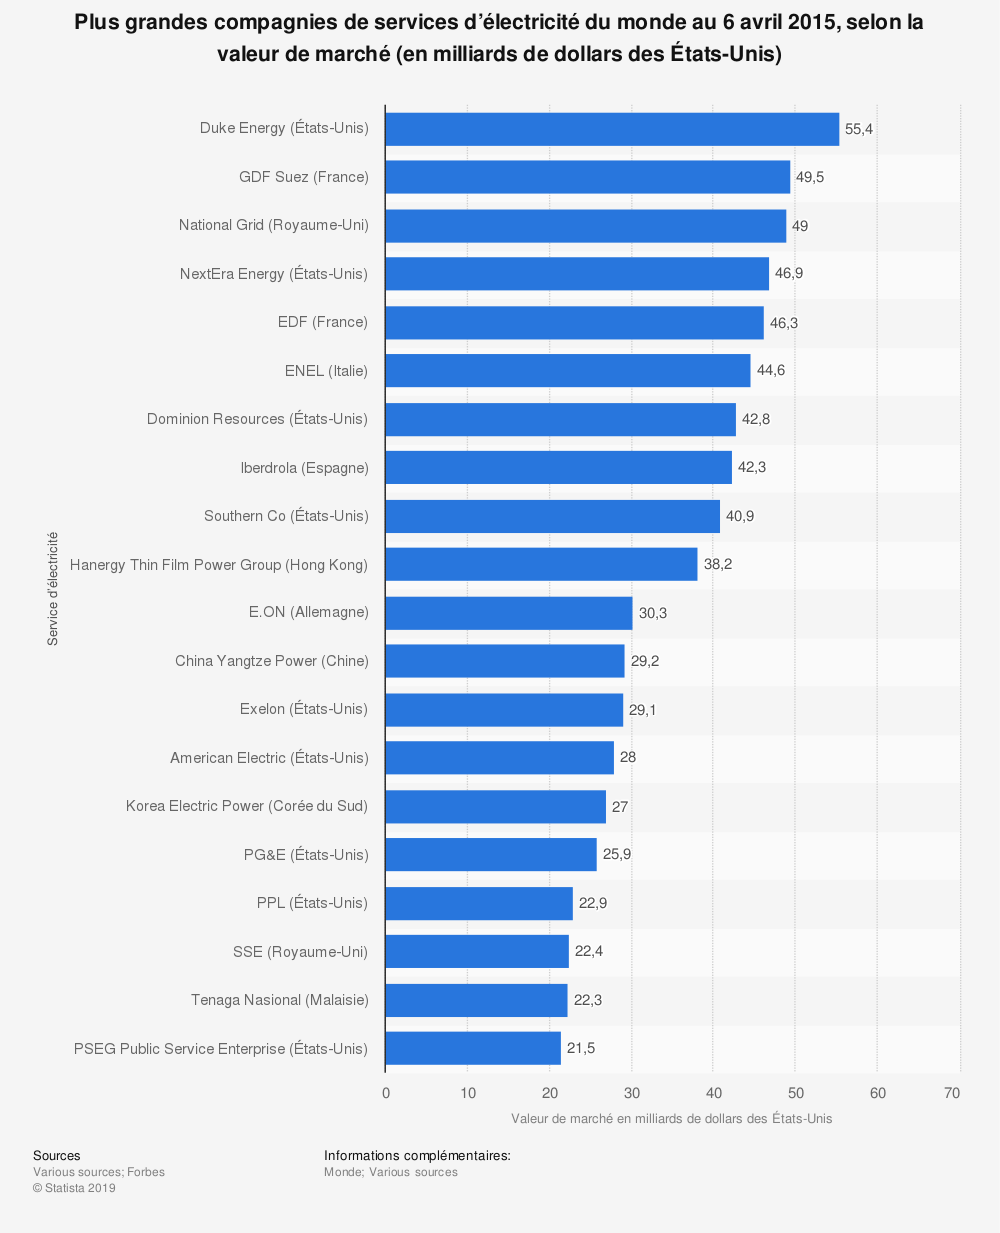 Statistique: Plus grandes compagnies de services d'électricité du monde au 6avril2015, selon la valeur de marché (en milliards de dollars desÉtats-Unis) | Statista